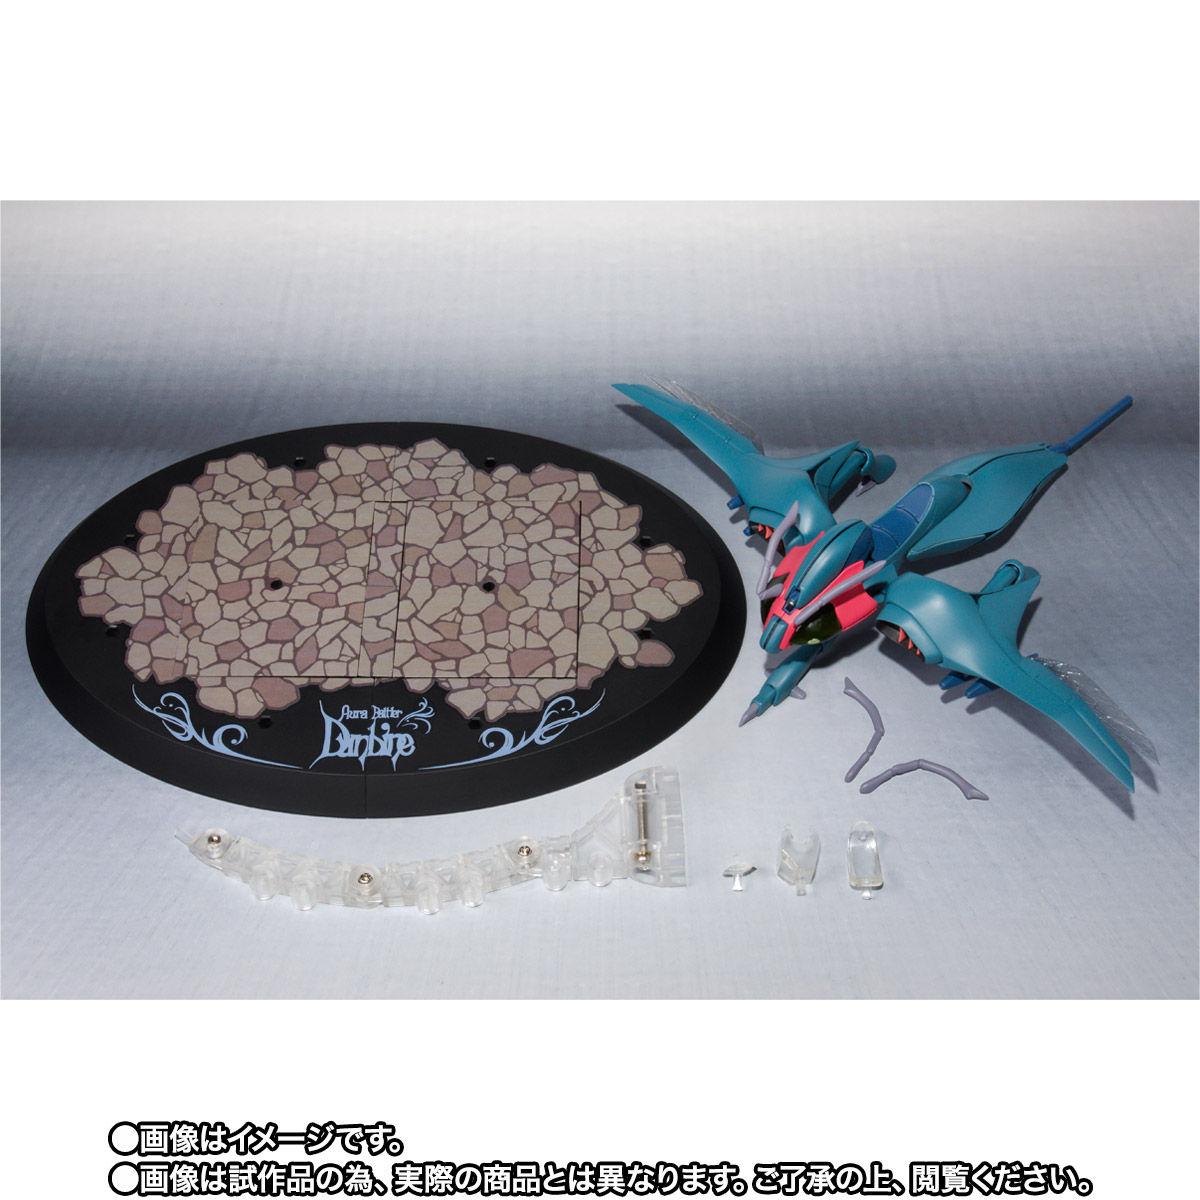 【限定販売】ROBOT魂〈SIDE AB〉『バラウ』可動フィギュア-003